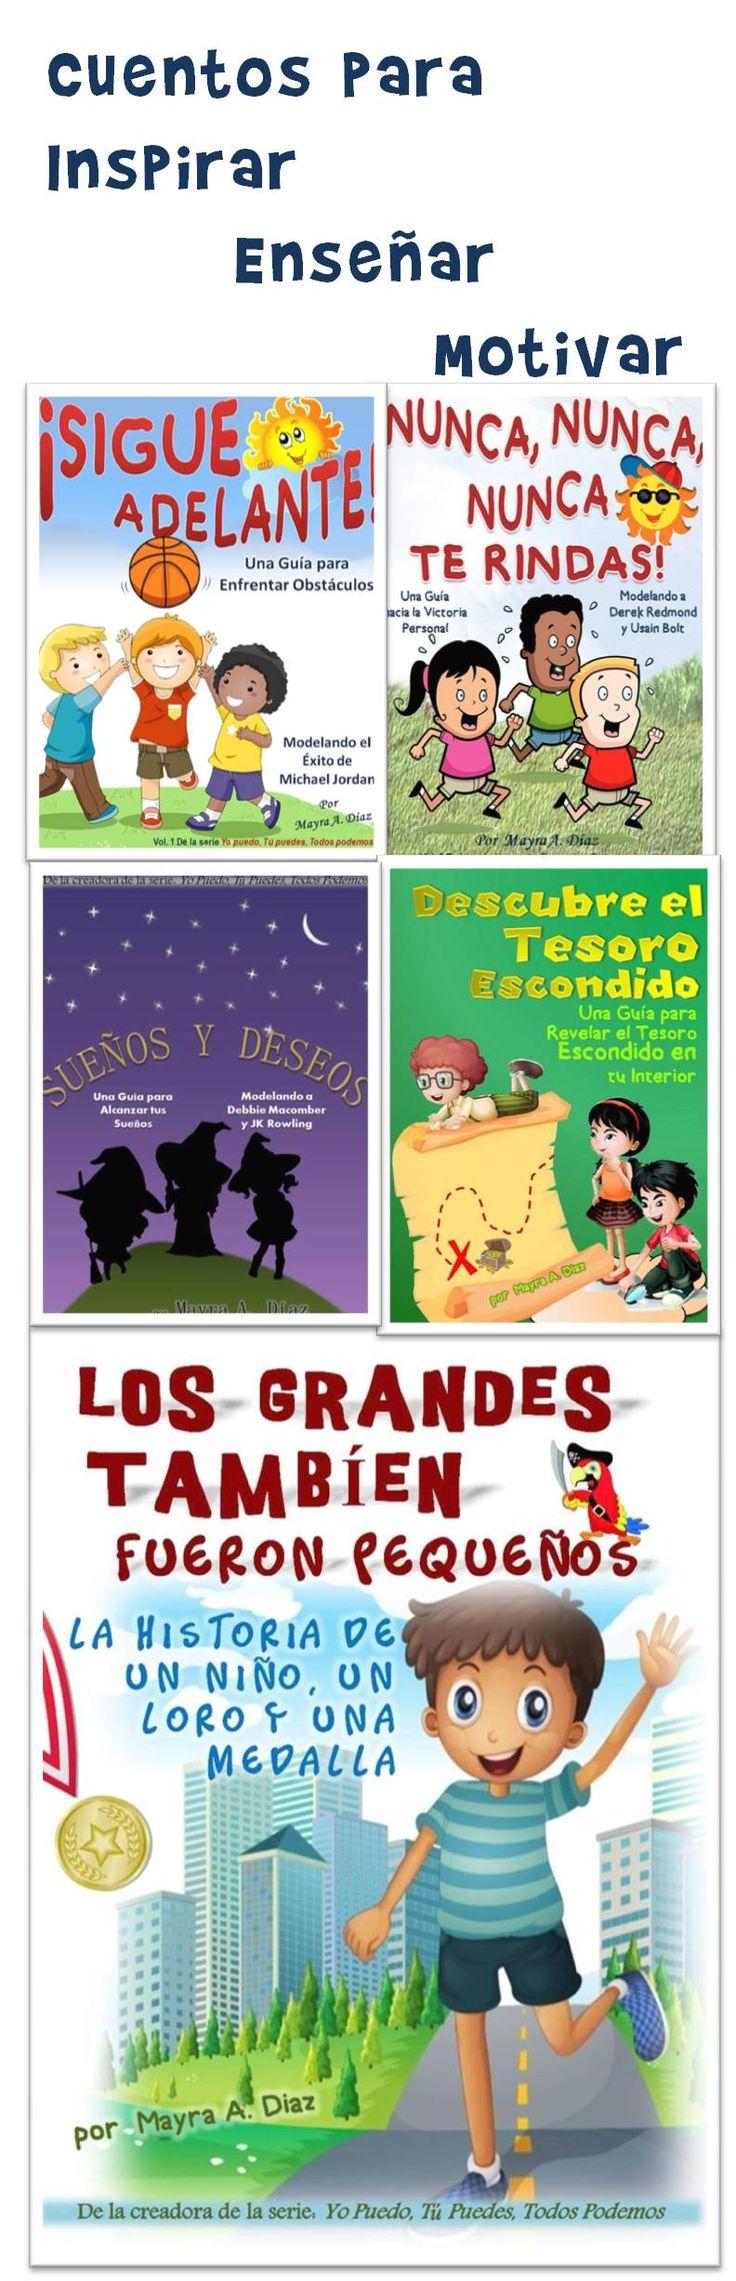 Cuentos en Español para Niños De la serie Yo puedo, Tú puedes, Todos podemos. Por Mayra A Diaz #kindleUnlimited